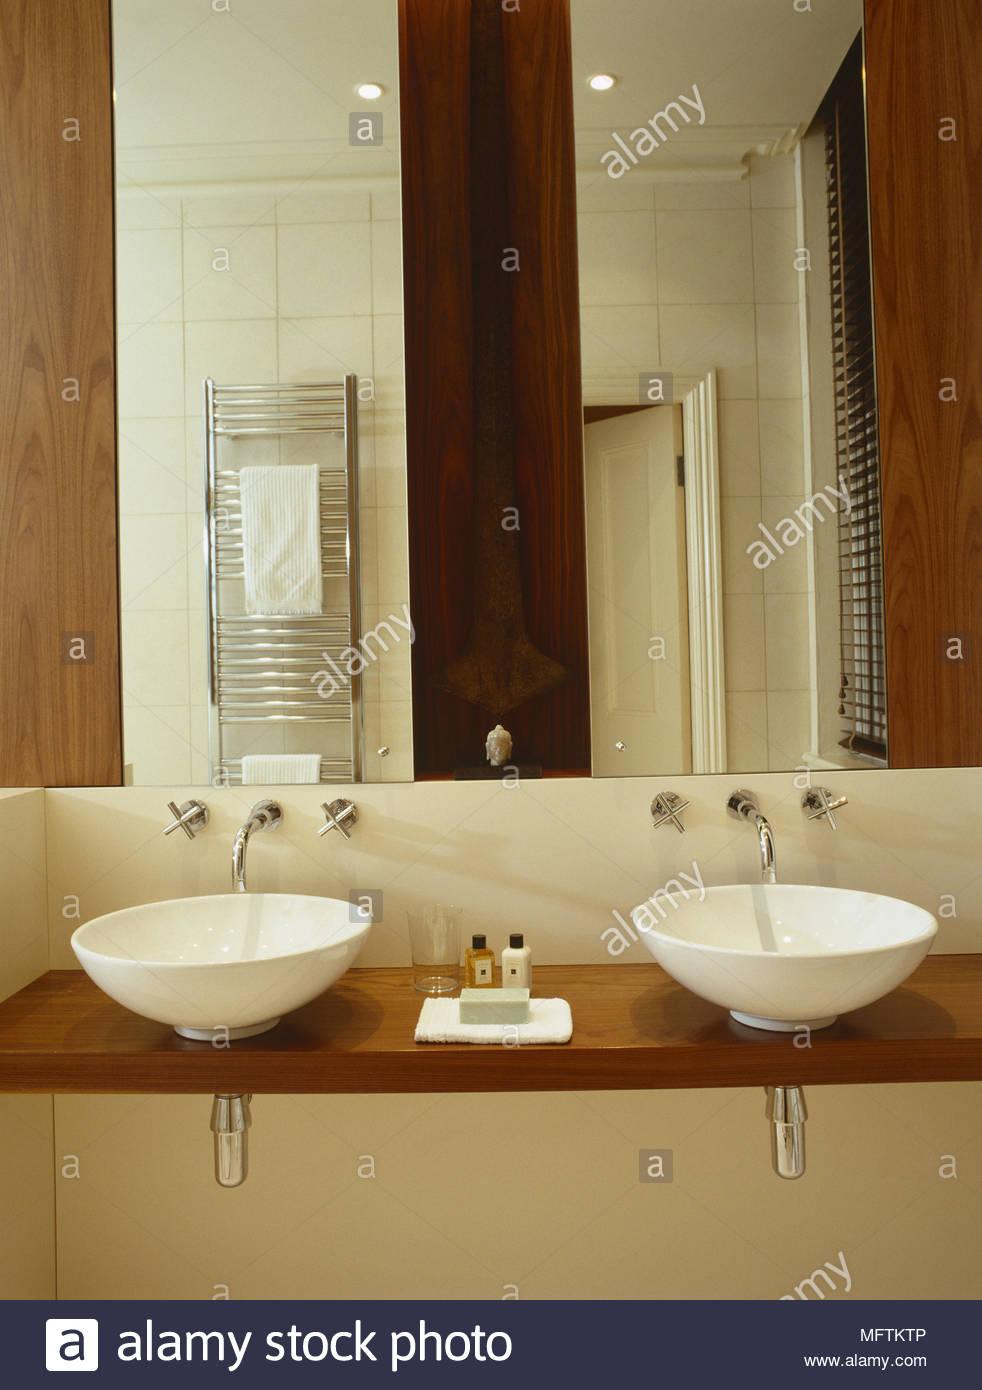 Ein Detail einer modernen neutralen Badezimmer Doppelwaschbecken auf ...